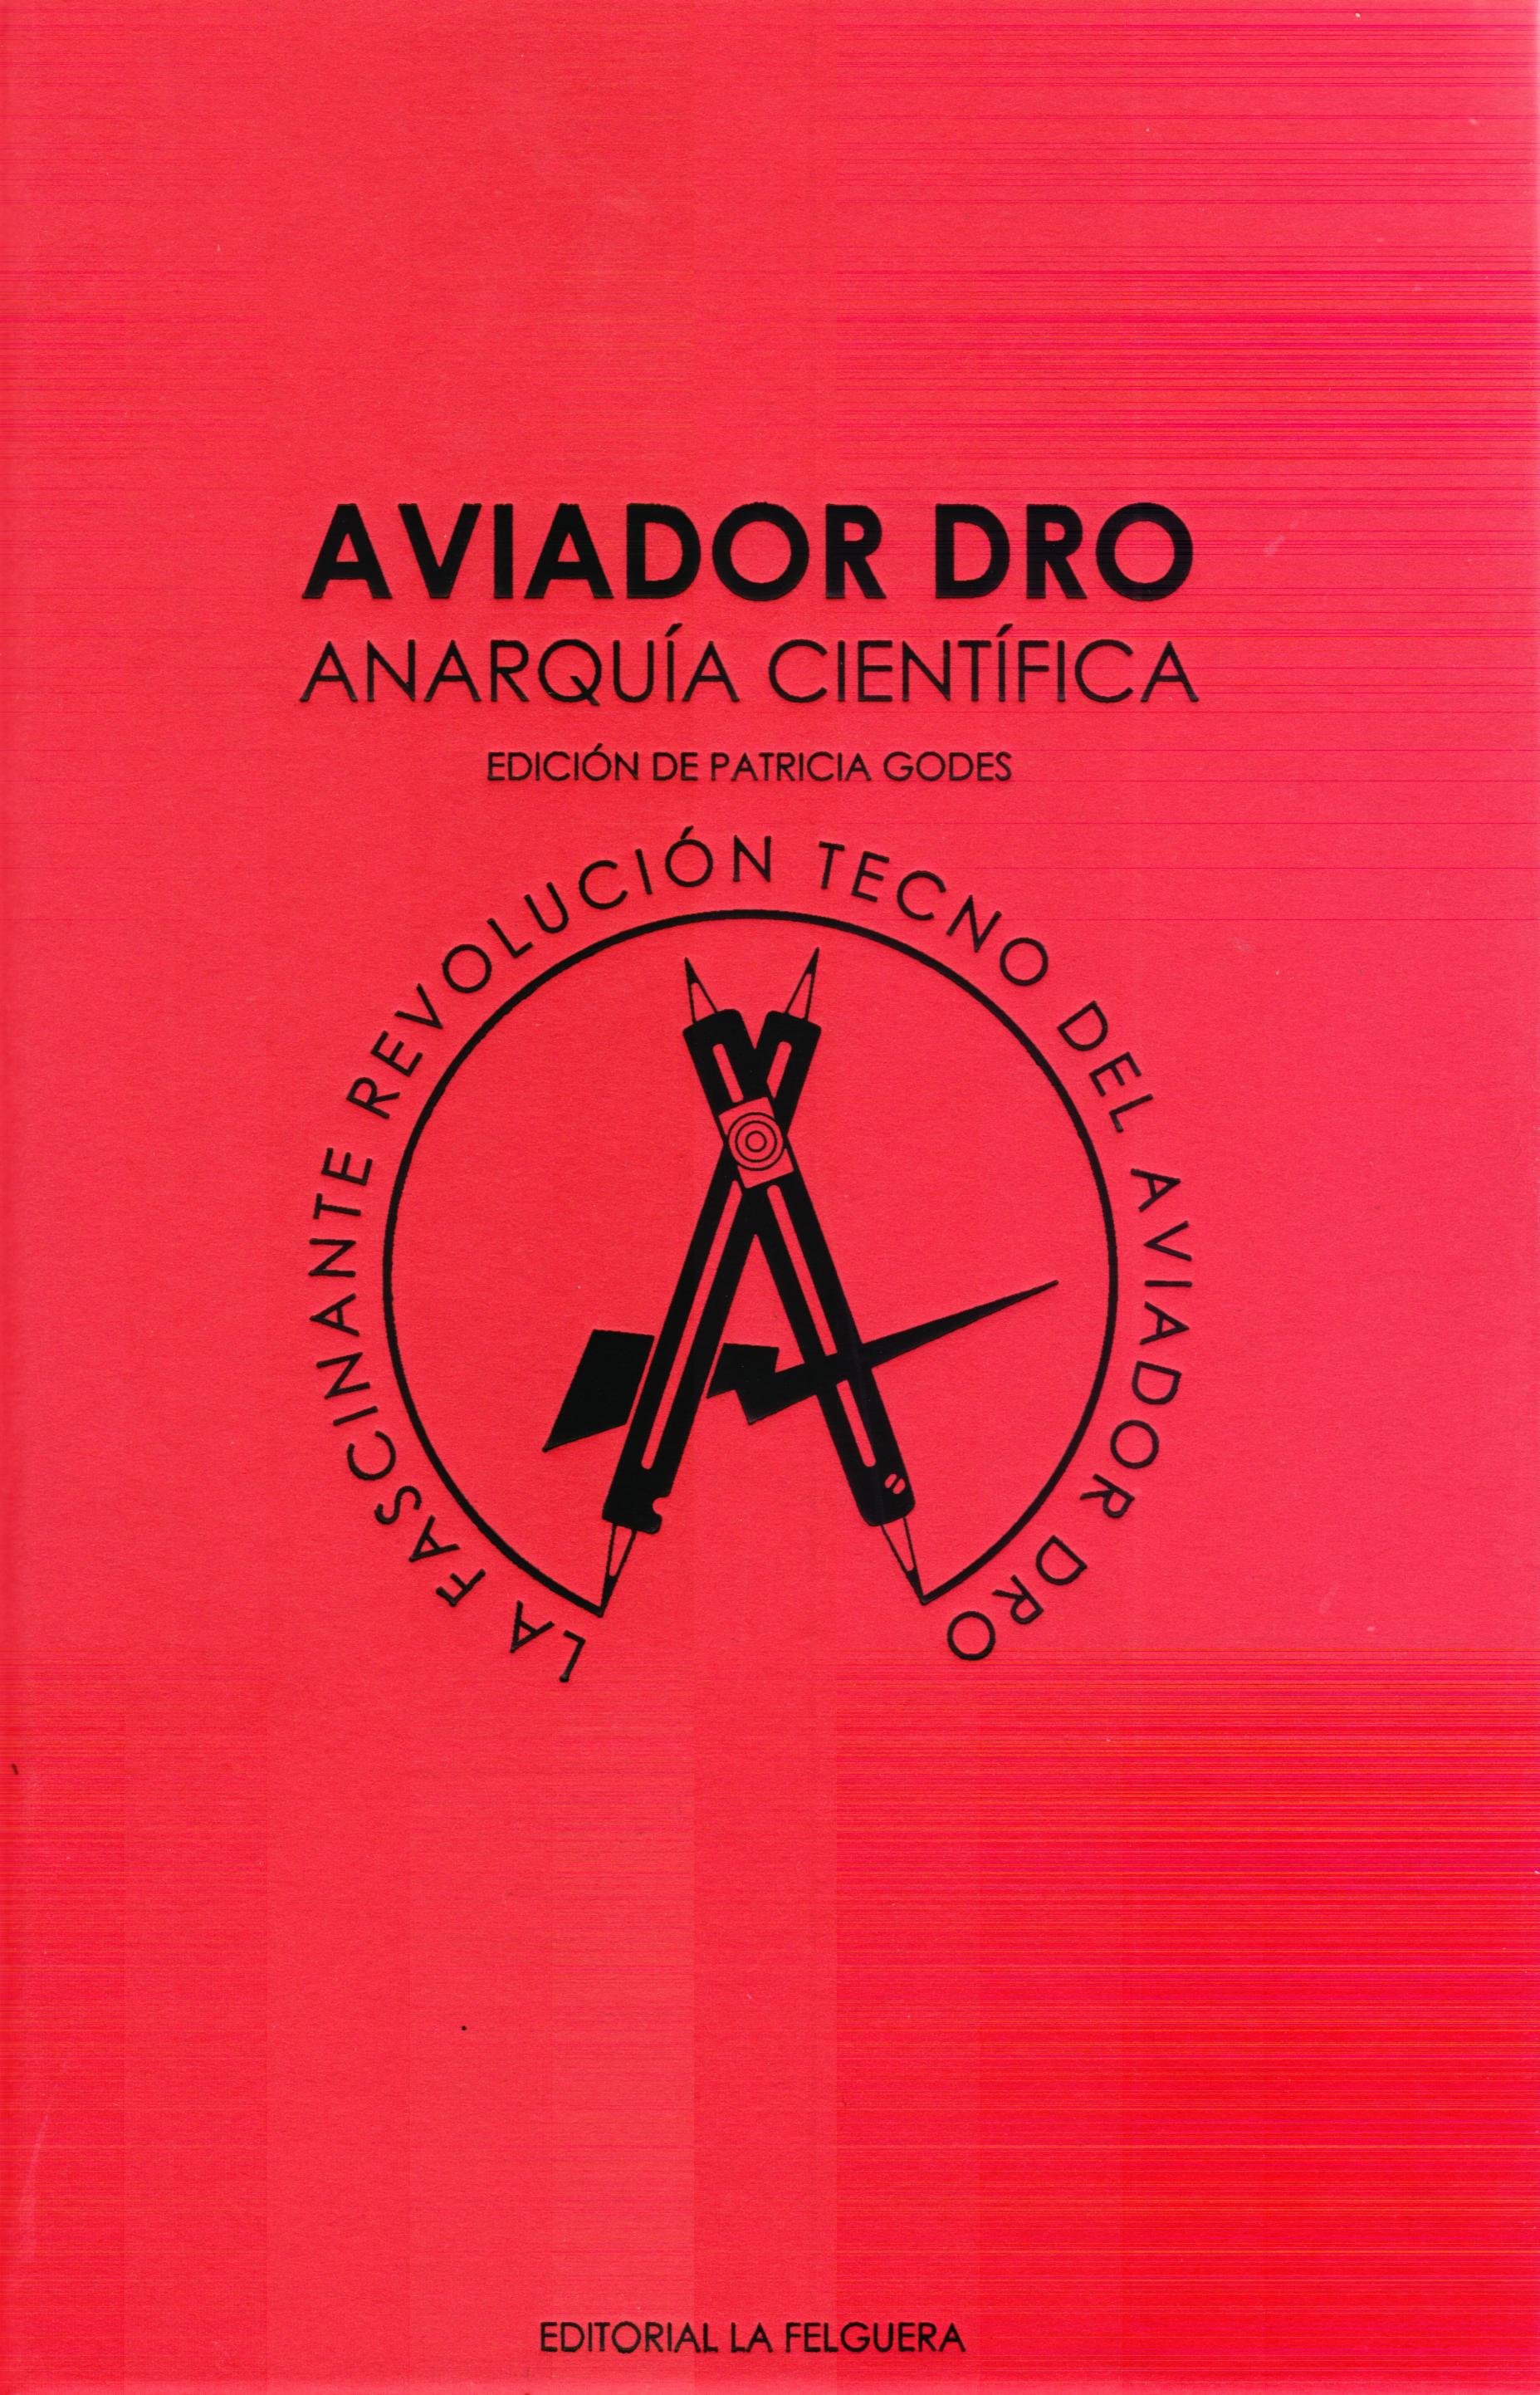 aviador-dro-978-84-120442-1-8